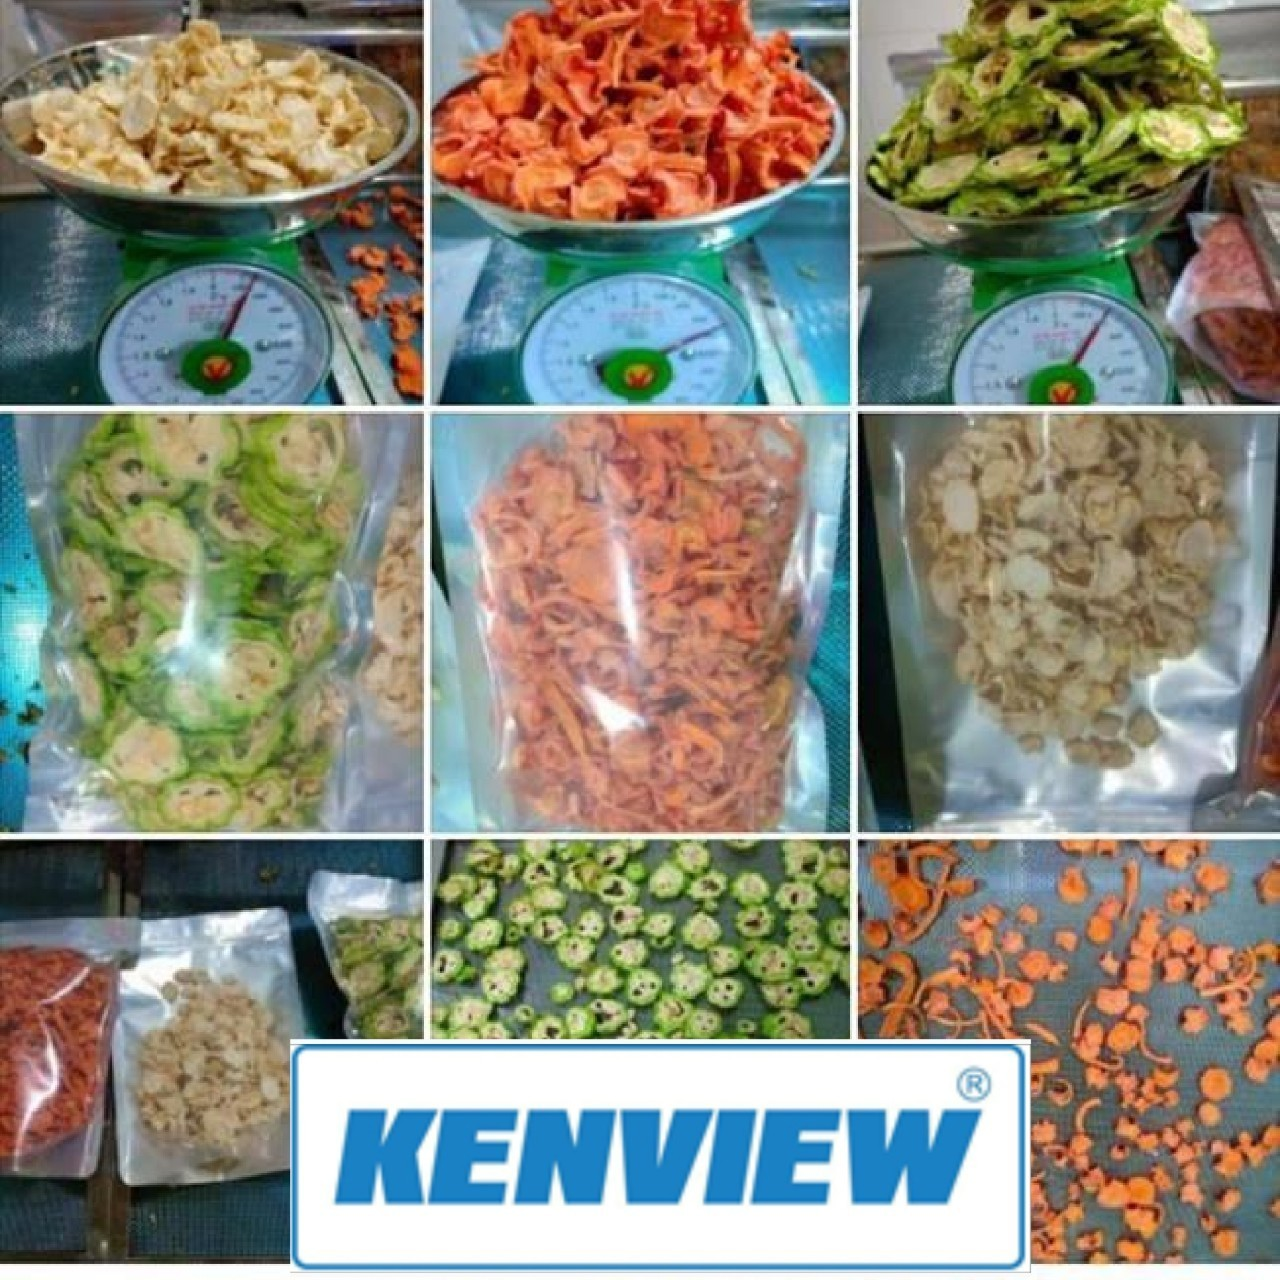 Cung cấp máy sấy nông sản ở Bình Thạnh - Máy sấy kenview